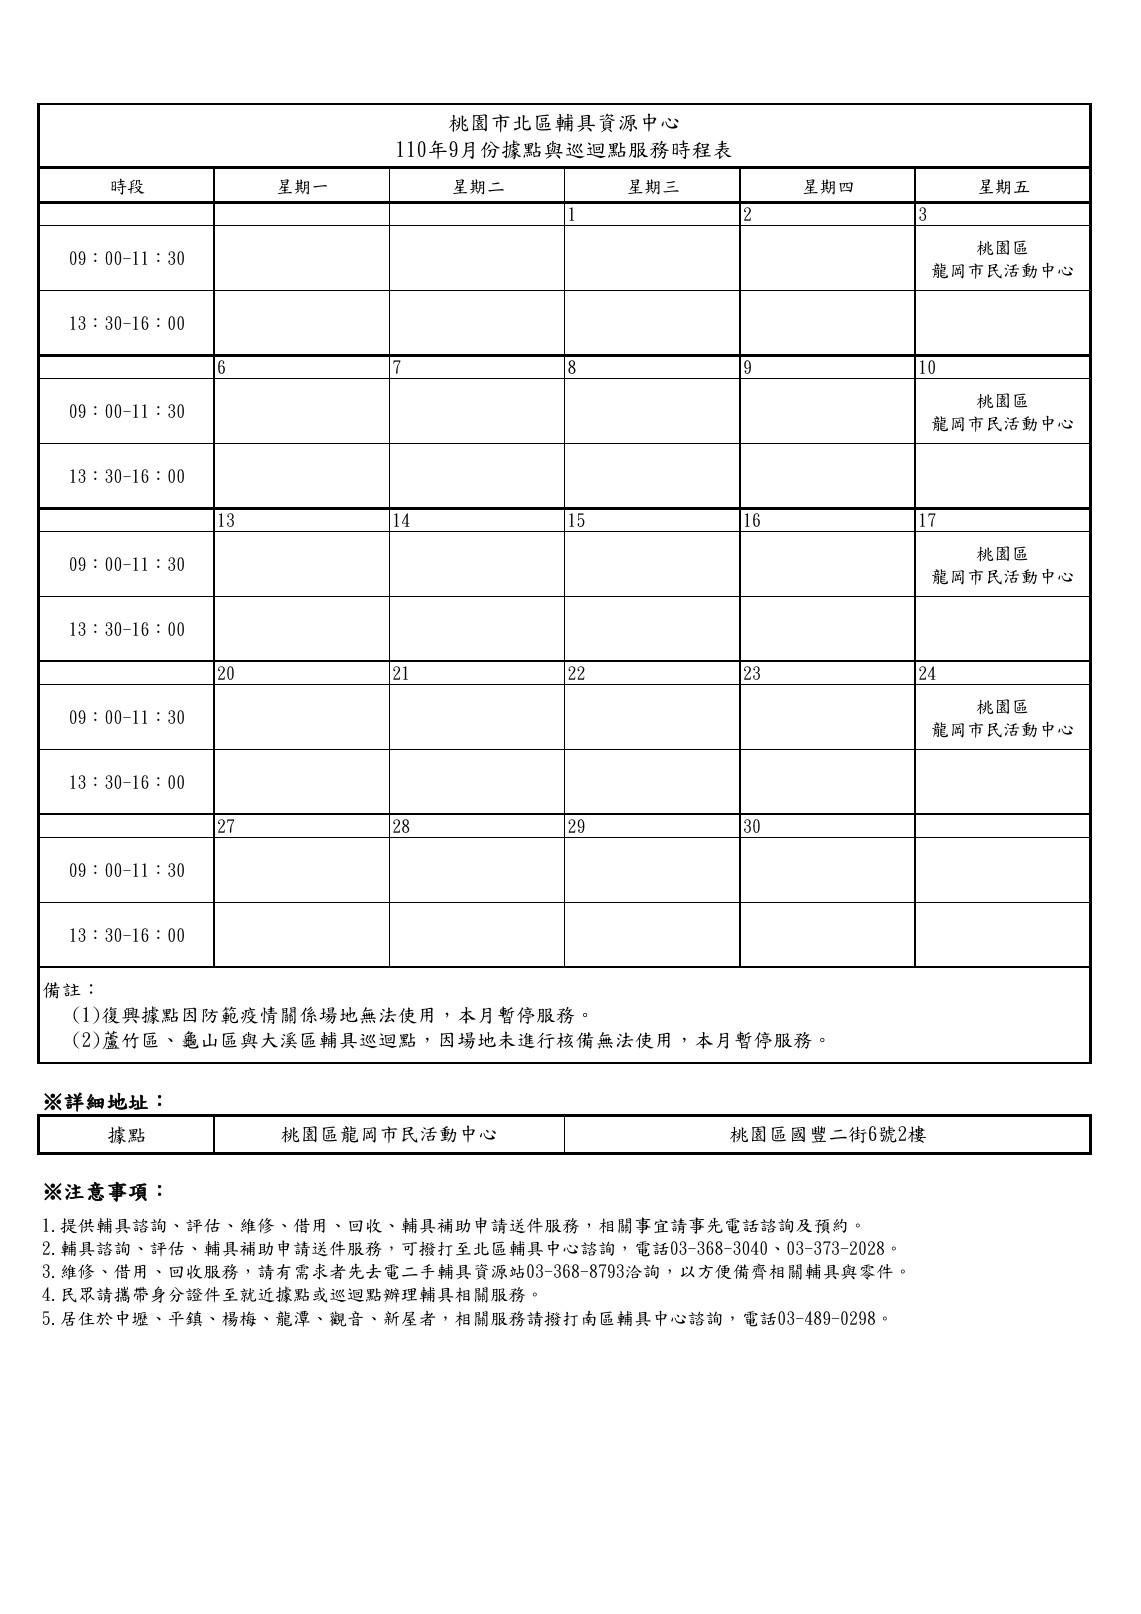 110年據點與巡迴點服務時程表-9月修正版.jpg